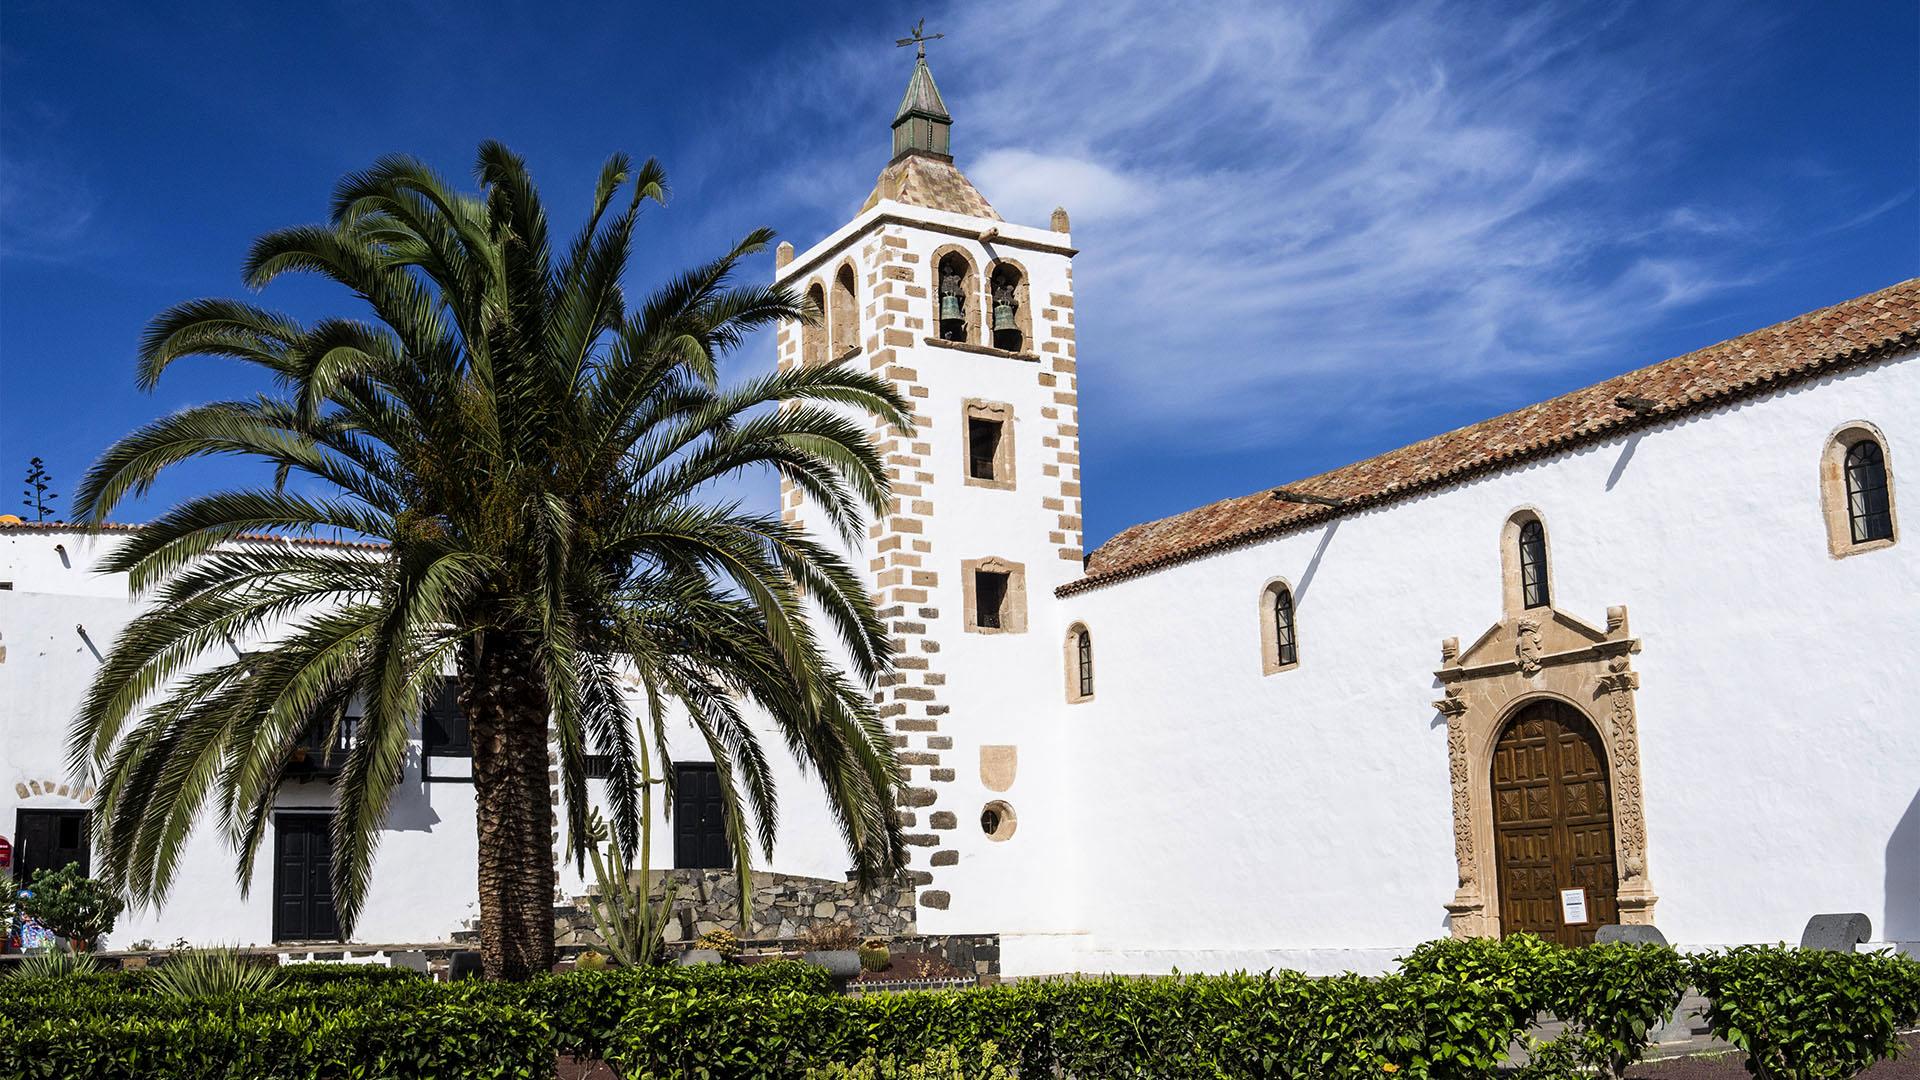 Sehenswürdigkeiten Fuerteventura – Kathedrale Santa Maria de Betancuria.